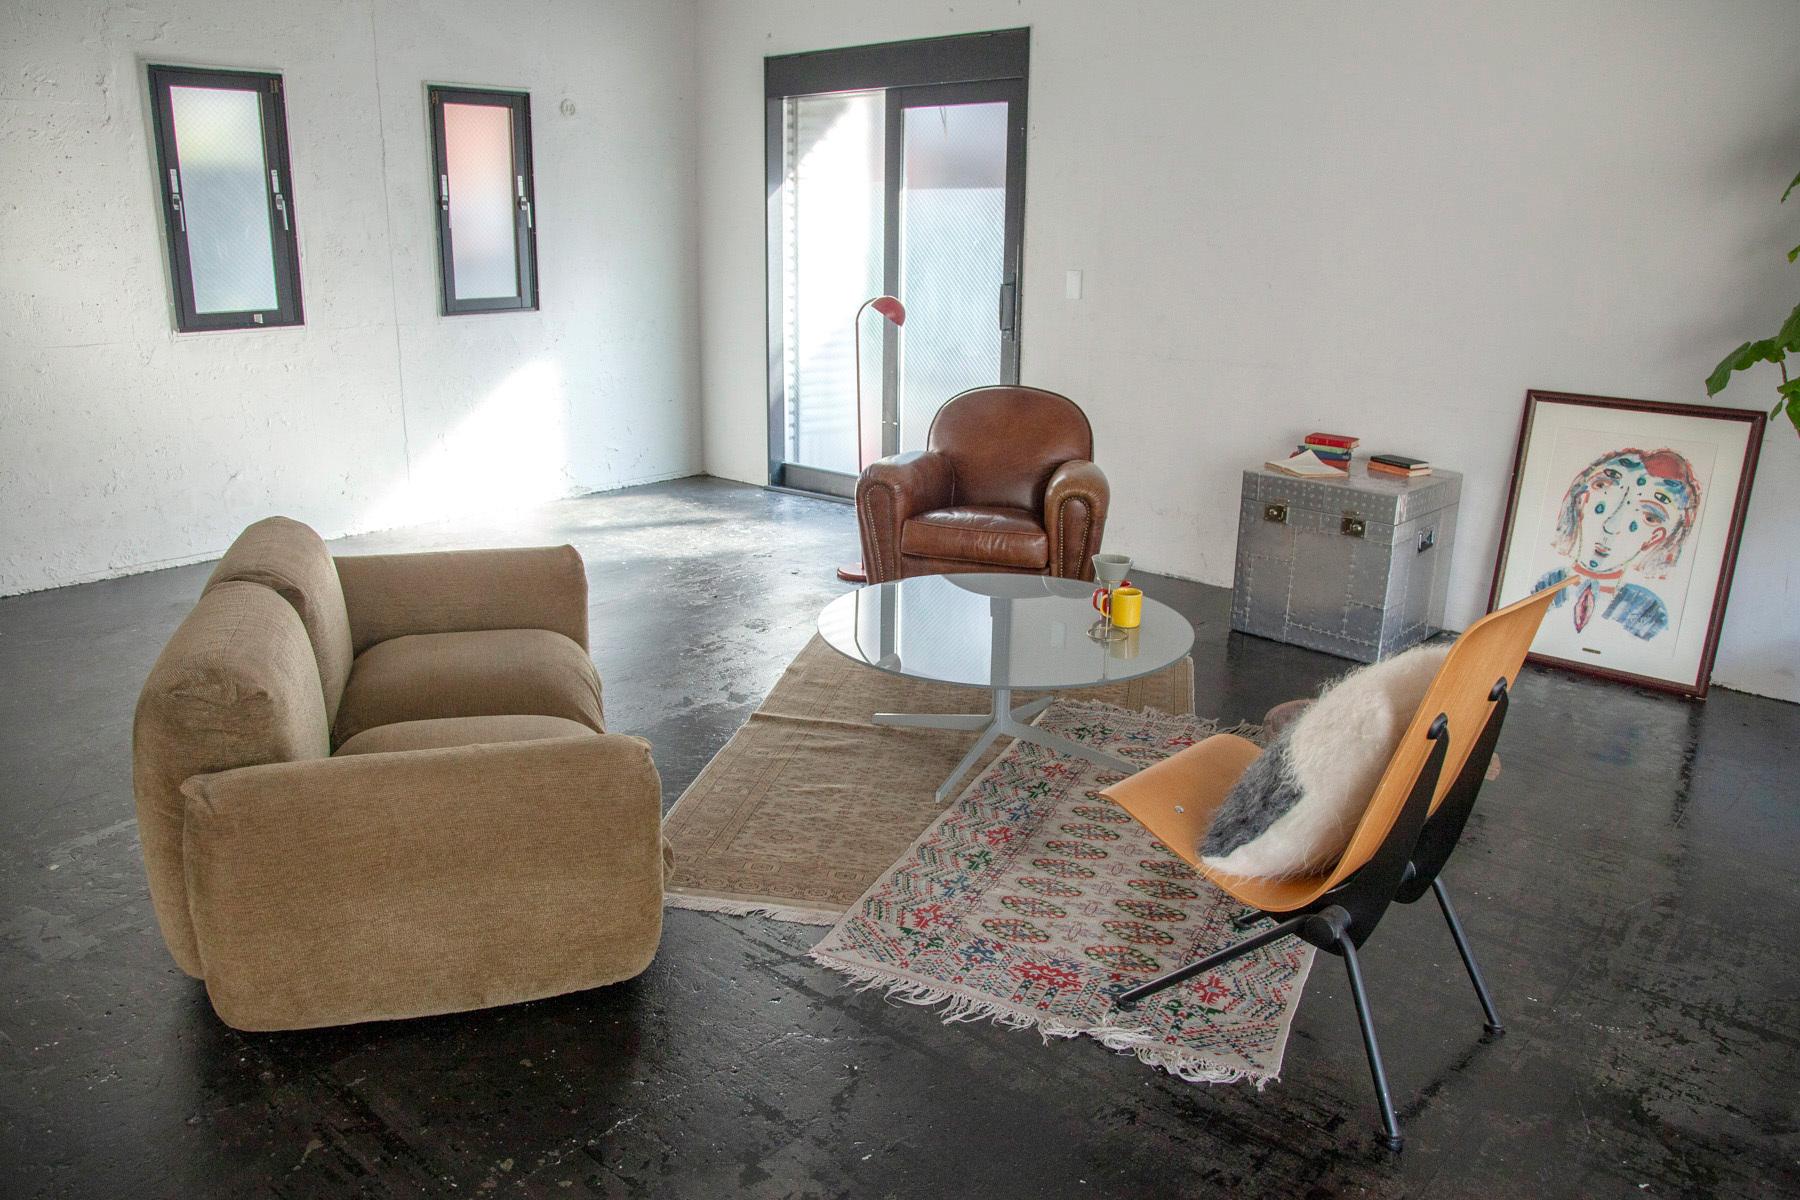 STUDIO SAND 1F(スタジオサンド1F)最大8.3m×8.8mの空間